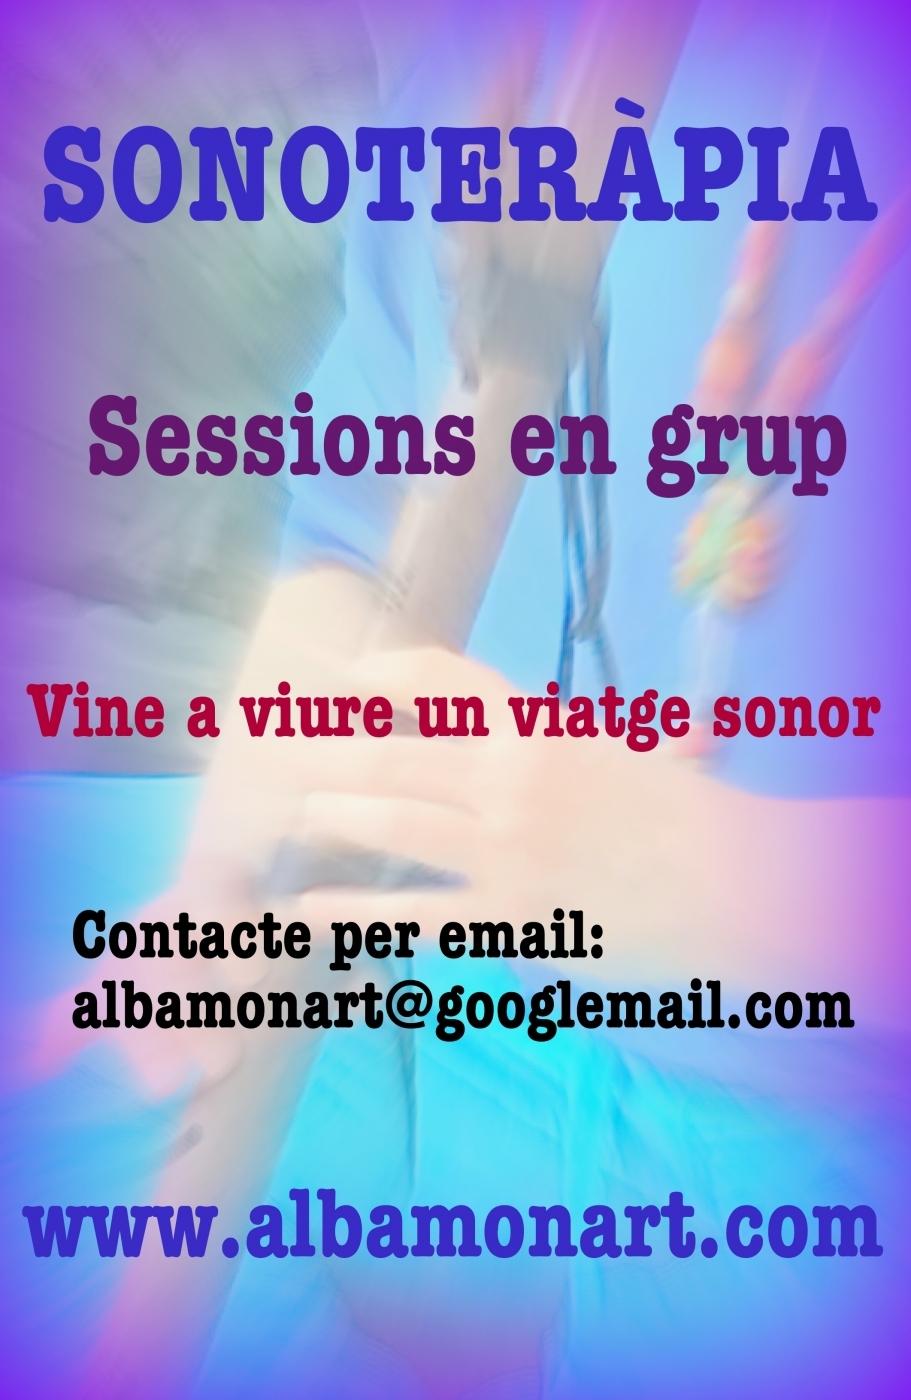 Sonoteràpia: sessions en grup